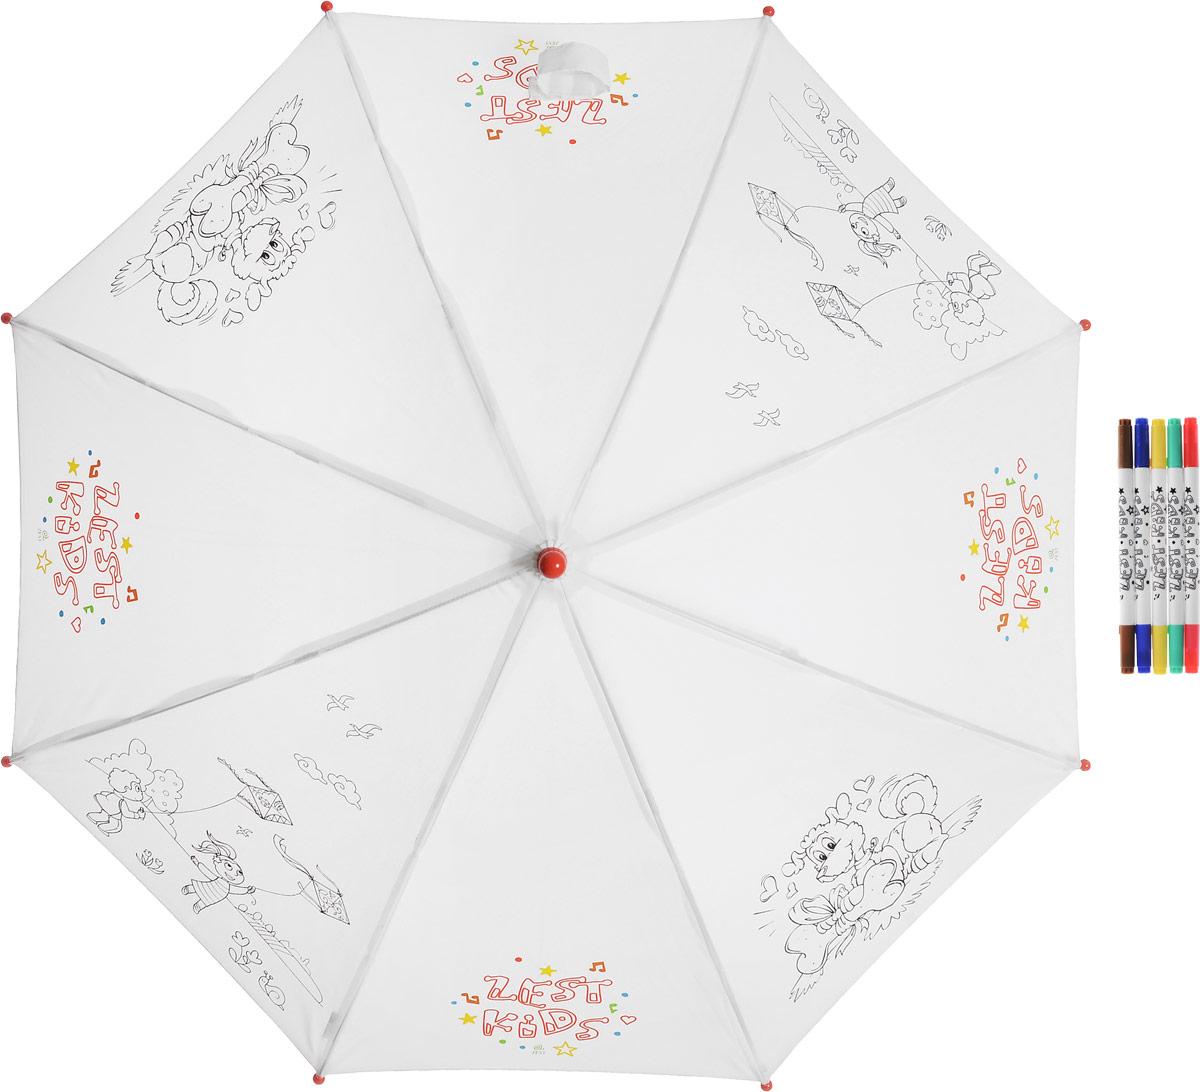 Зонт детский Zest, механический, трость, цвет: белый, черный. 21581-25221581-252Детский зонт-трость РАСКРАСКА с фломастерами в комплекте. Зонт-раскраска будет притным подарком, который не только защитит малыша от непогоды, но и даст возможность стать настоящим маленьким художником.